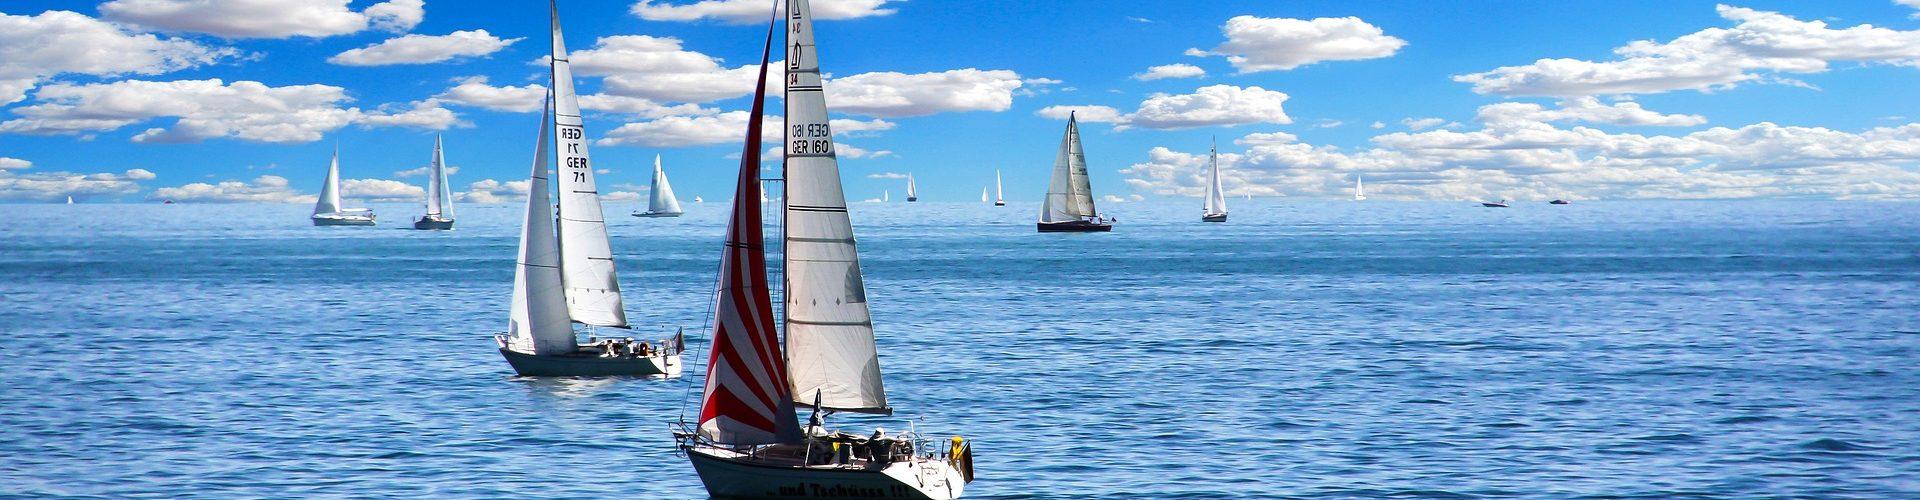 segeln lernen in Bad Salzuflen segelschein machen in Bad Salzuflen 1920x500 - Segeln lernen in Bad Salzuflen